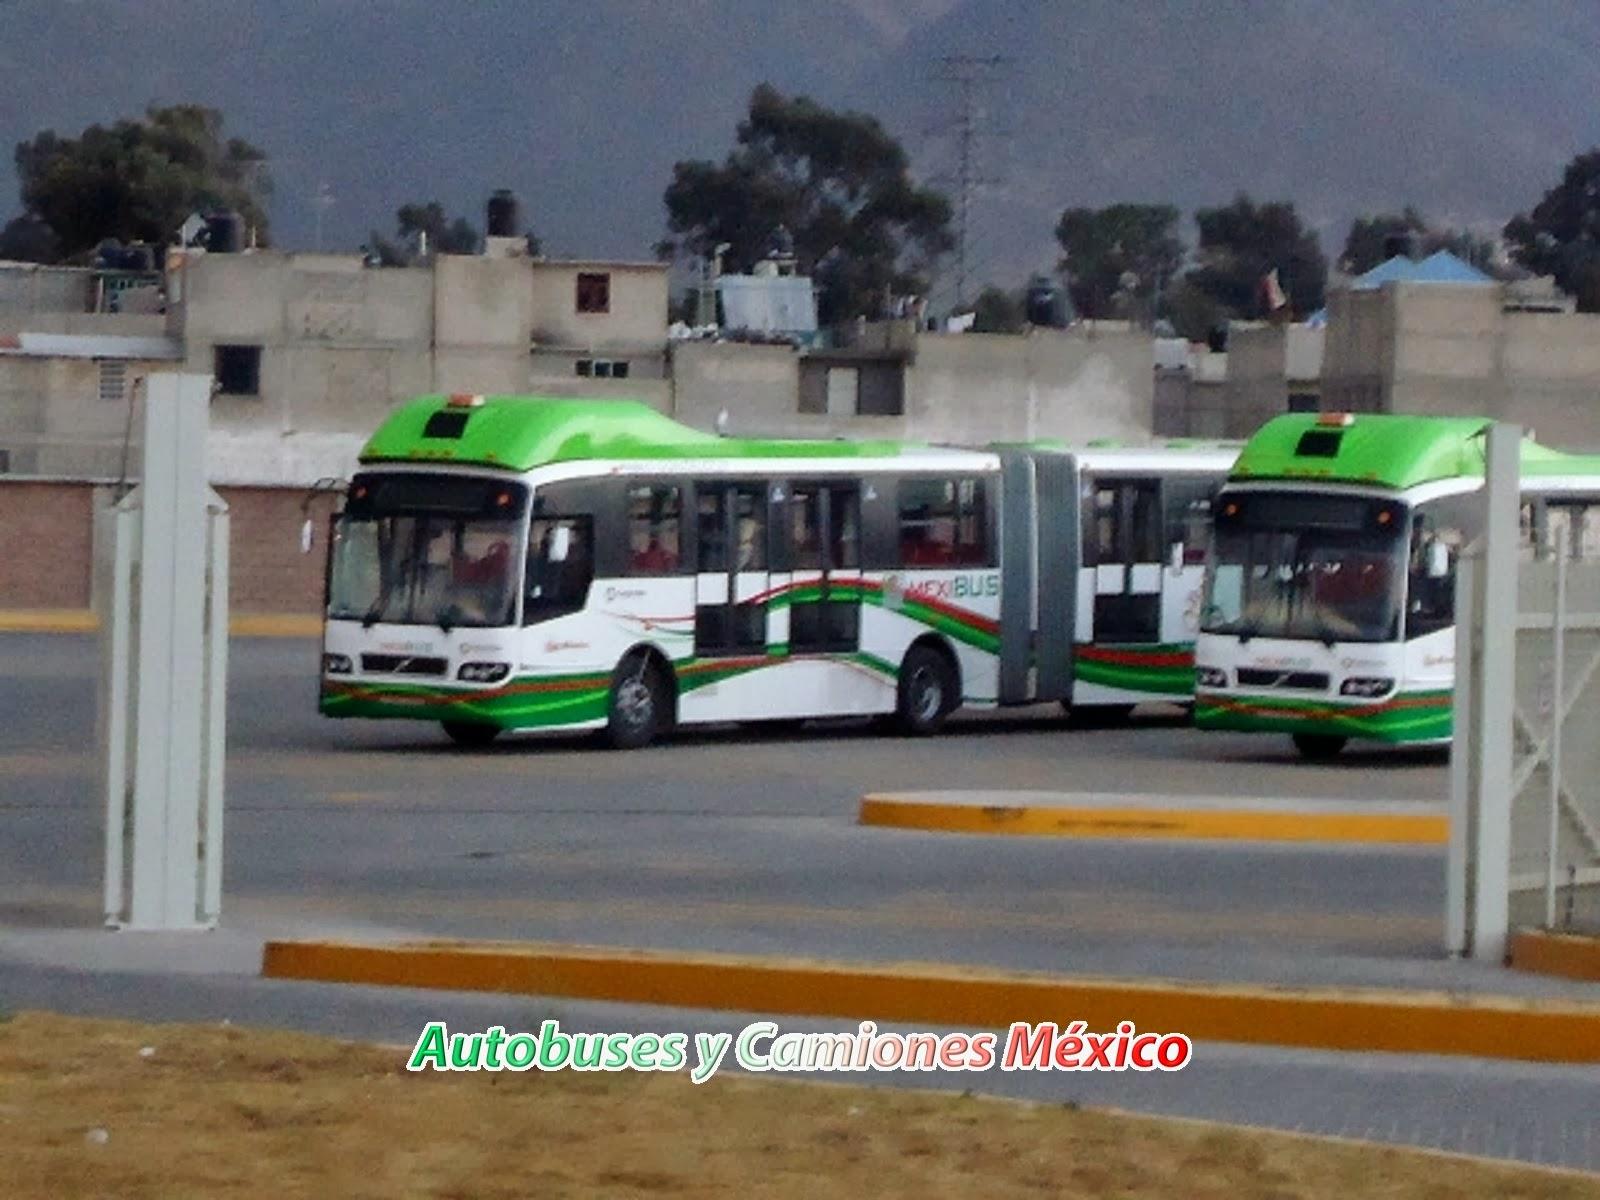 AYCAMX - Autobuses y Camiones México : Camiones Estado de México 54